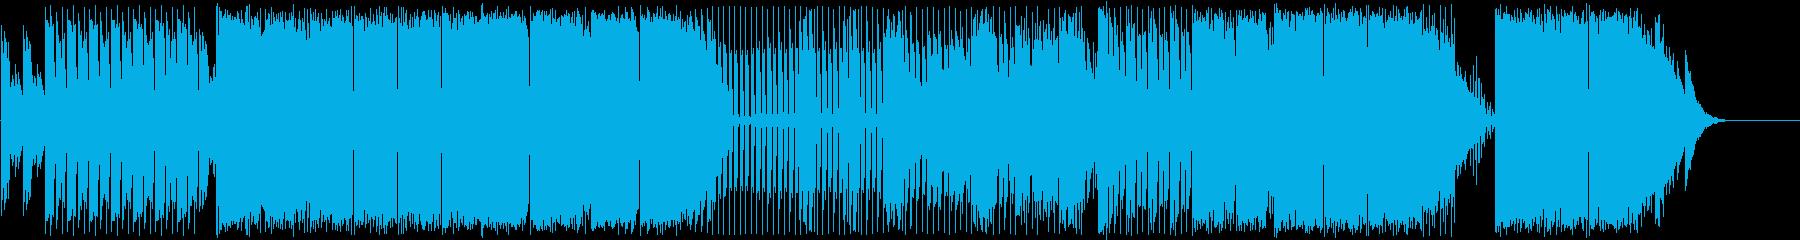 アンビエントな感触でエレクトロニカ...の再生済みの波形